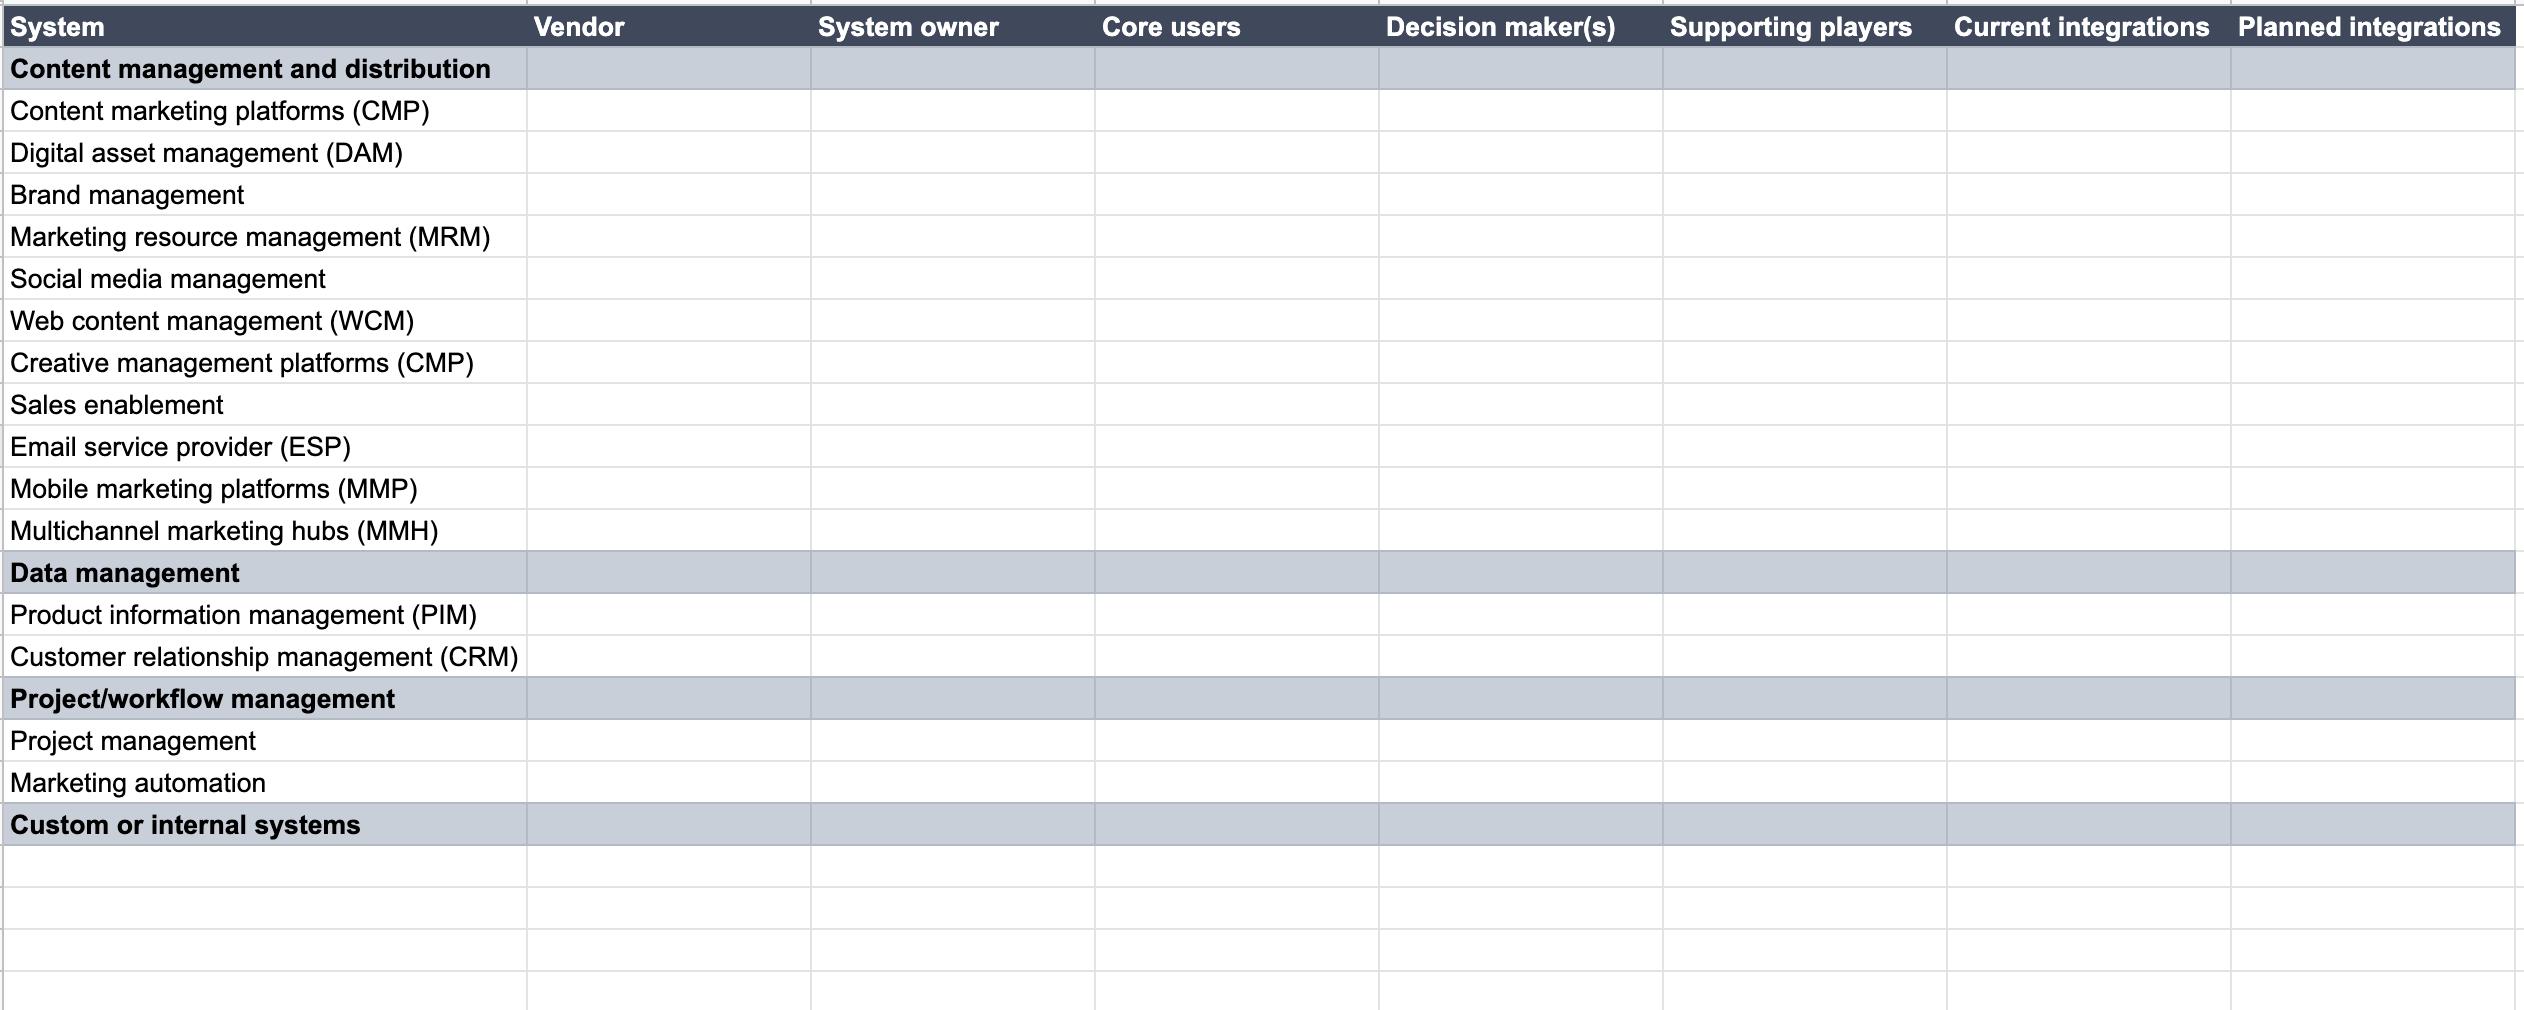 Blog - martech stack technologies spreadsheet